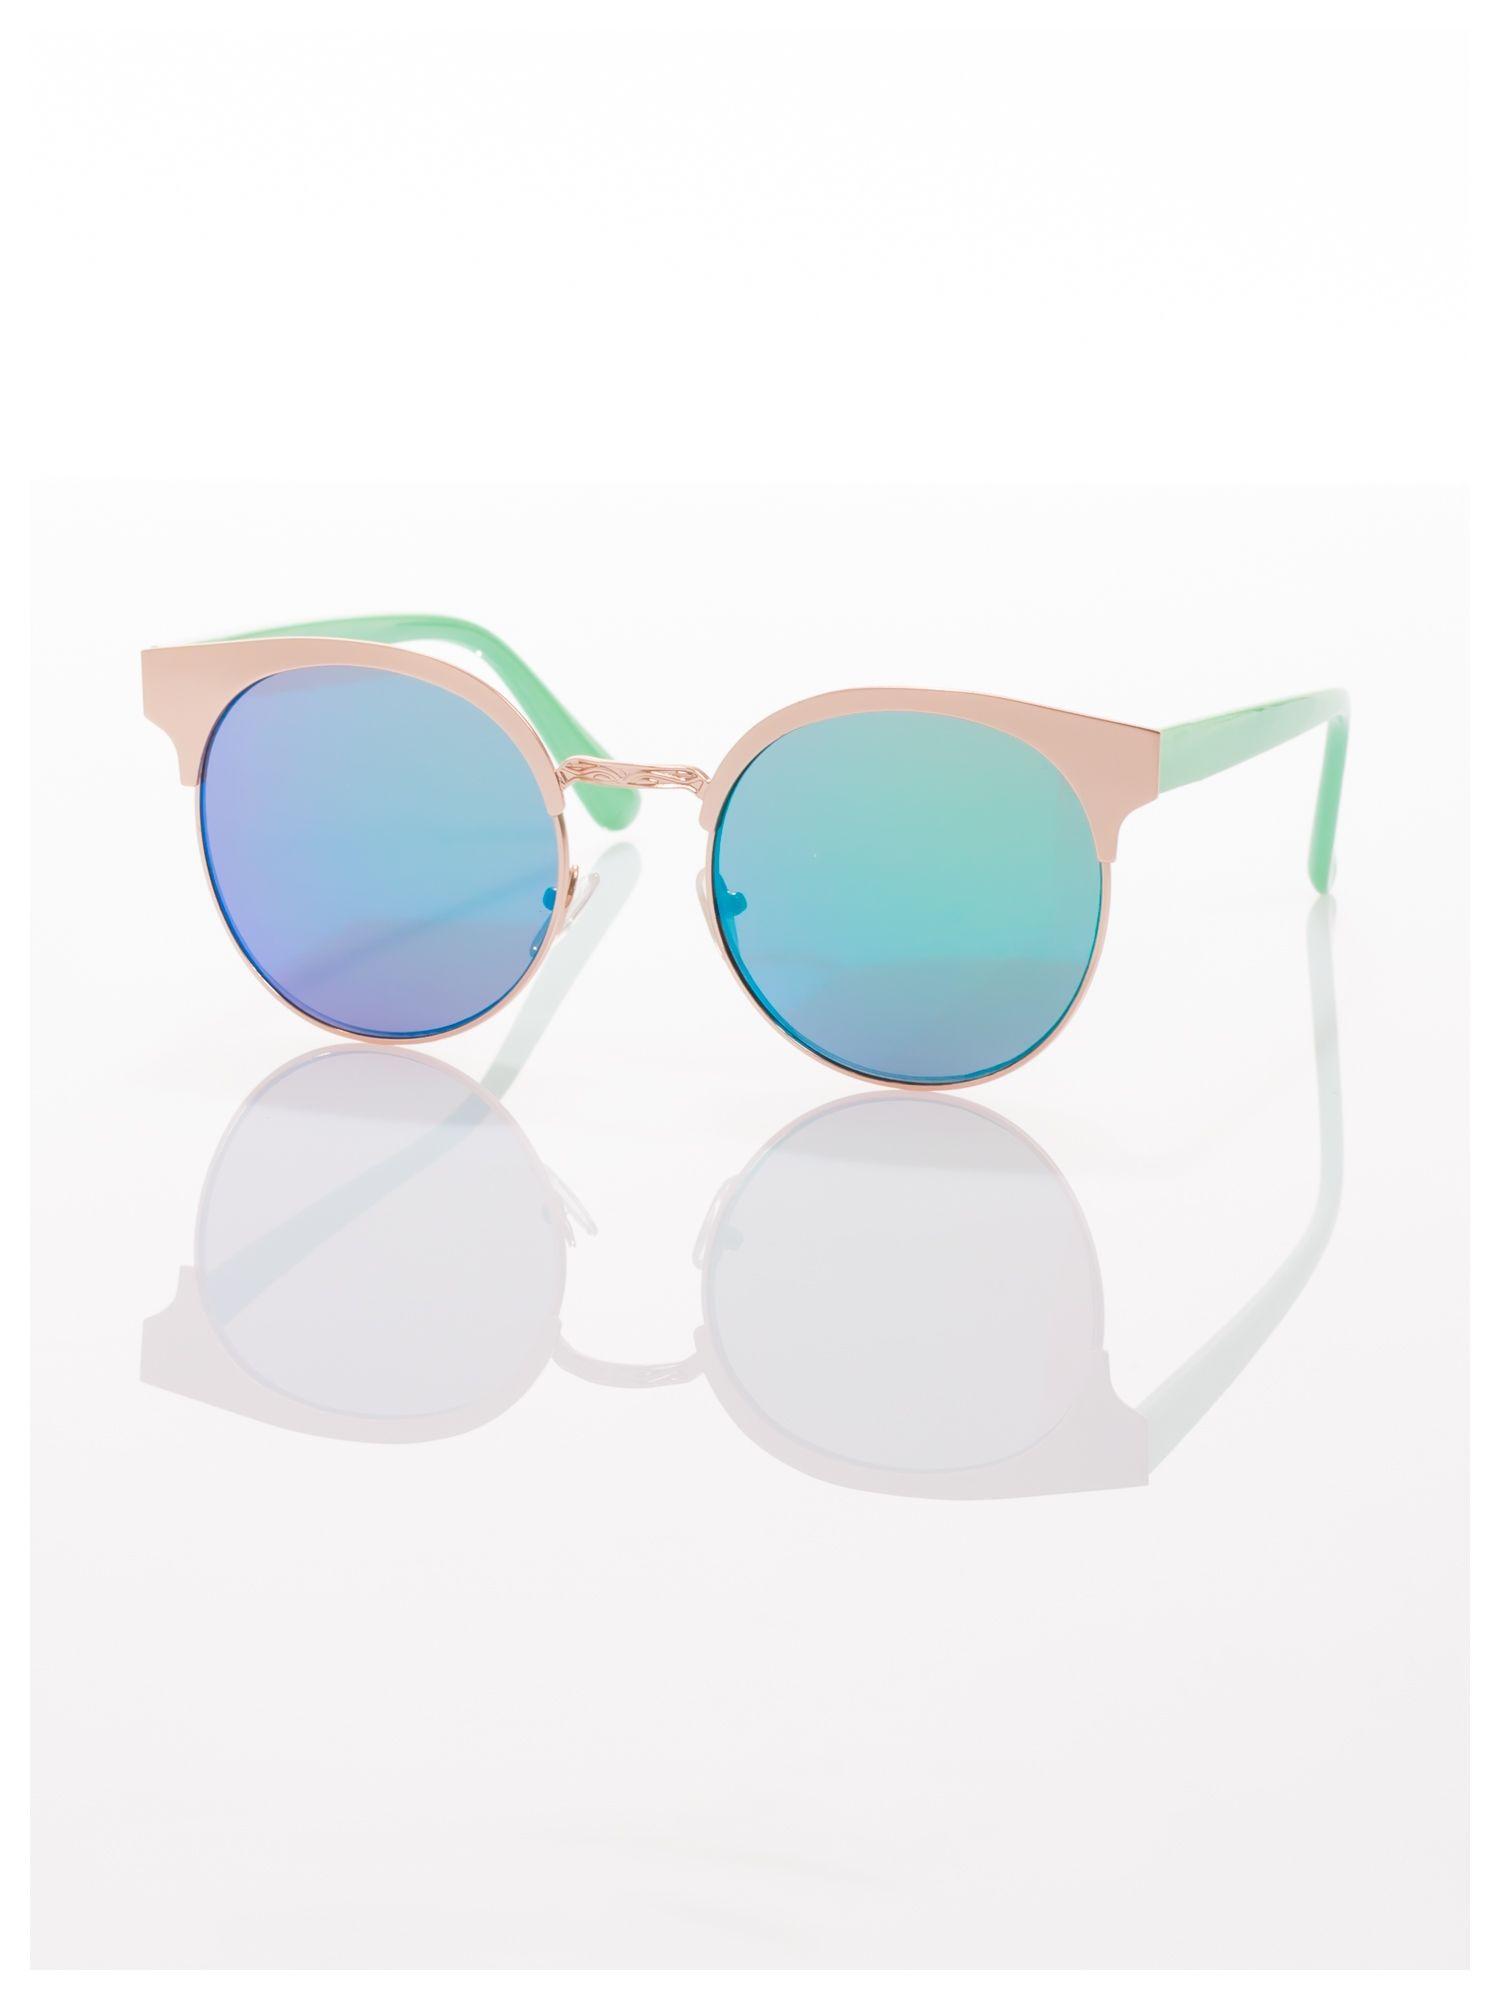 FASHION okulary przeciwsłoneczne KOCIE OCZY stylizowane na FENDI zielono-złote                                  zdj.                                  1